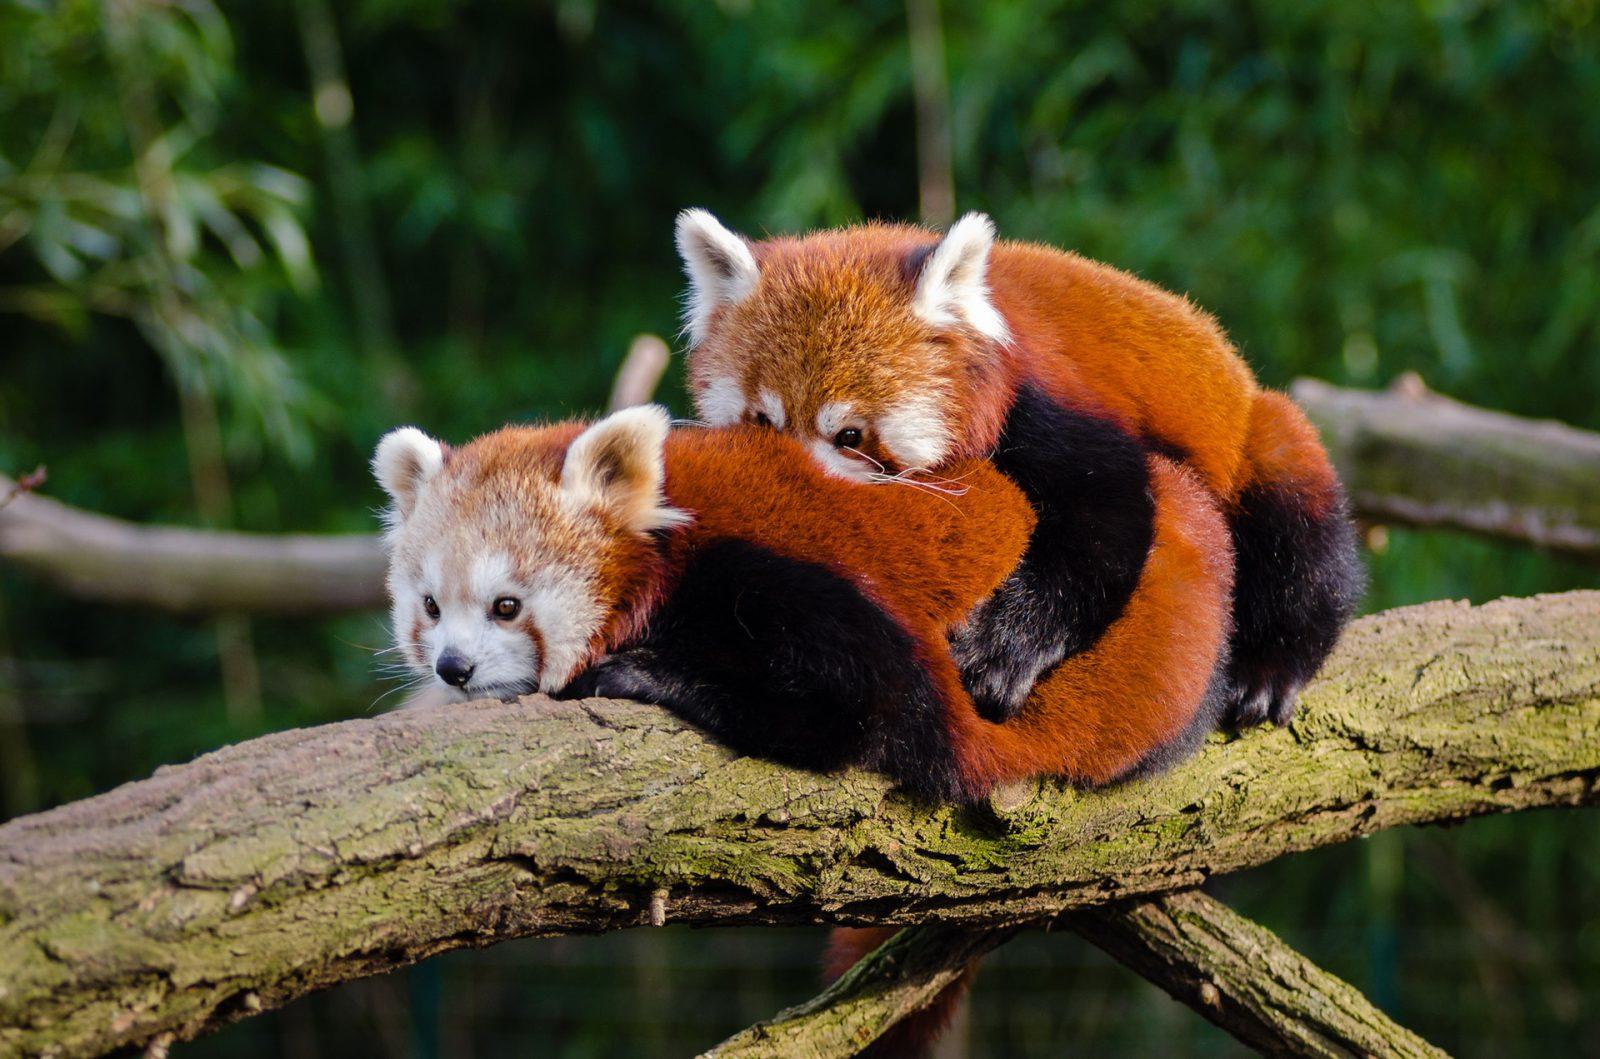 O panda vermelho vive em árvores e tem hábitos diurnos.